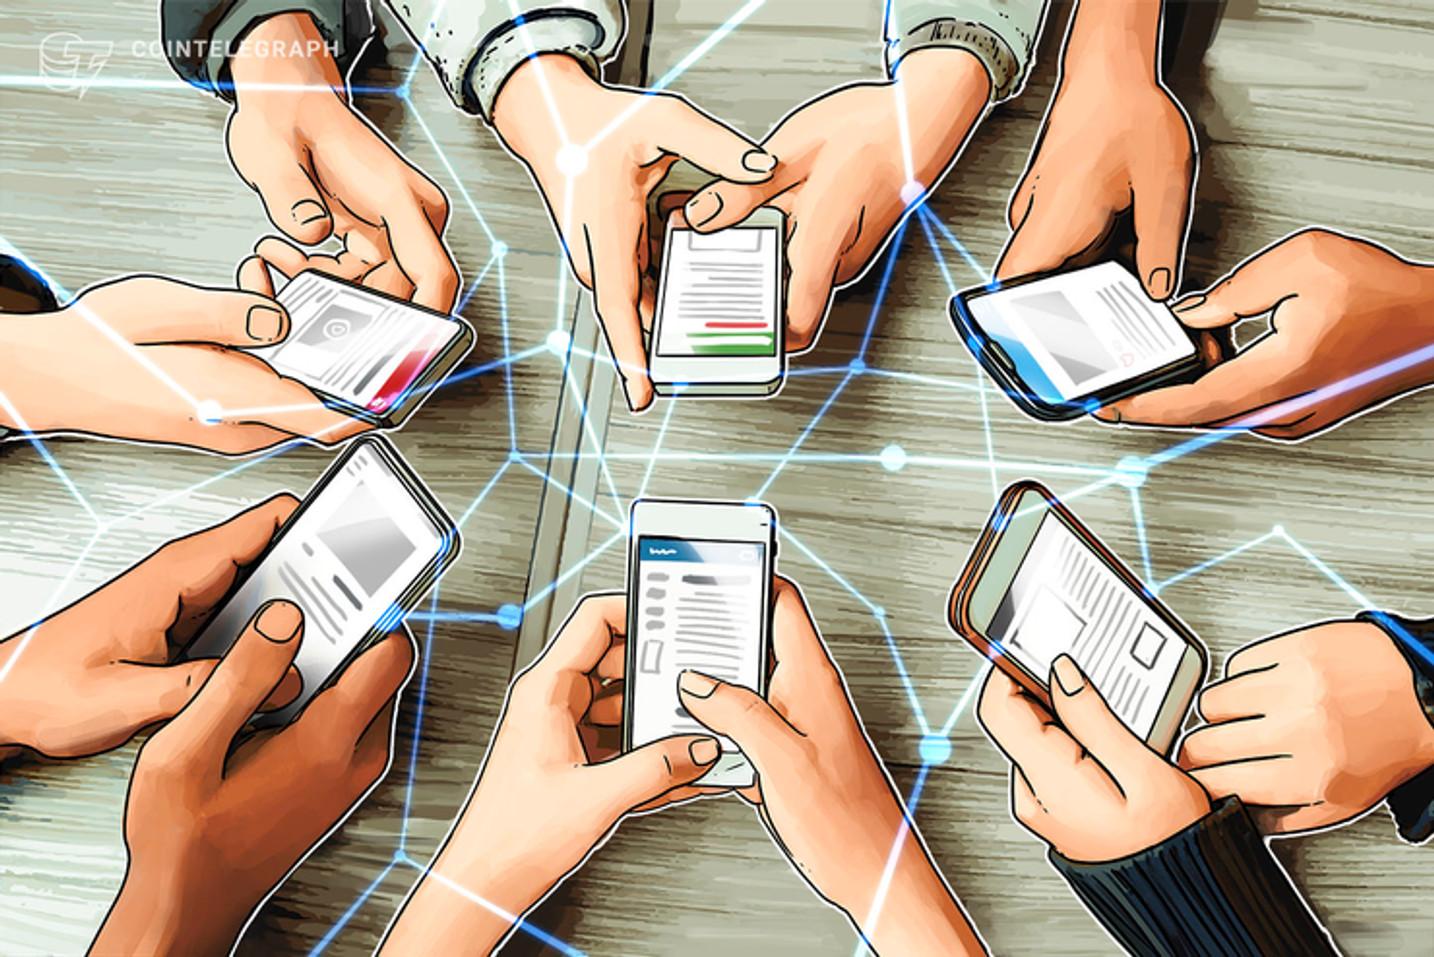 O que é 5G e qual a diferença na cobertura das redes 3G, 4G e 5G?